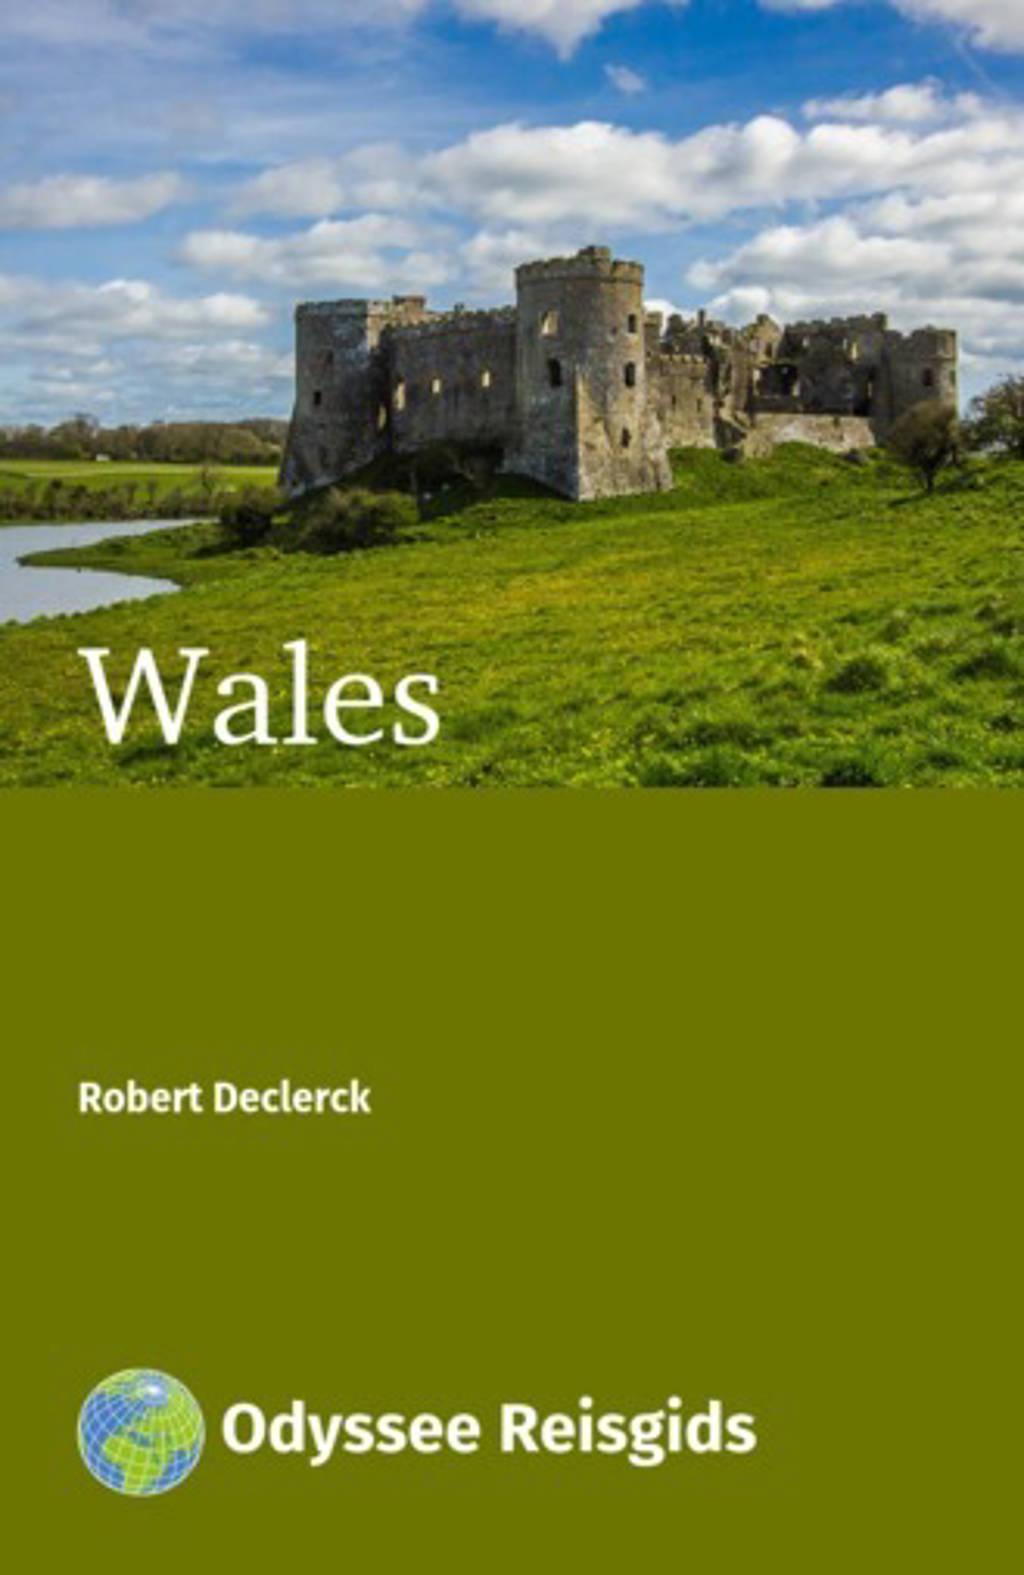 Odyssee Reisgidsen: Wales - Robert Declerck